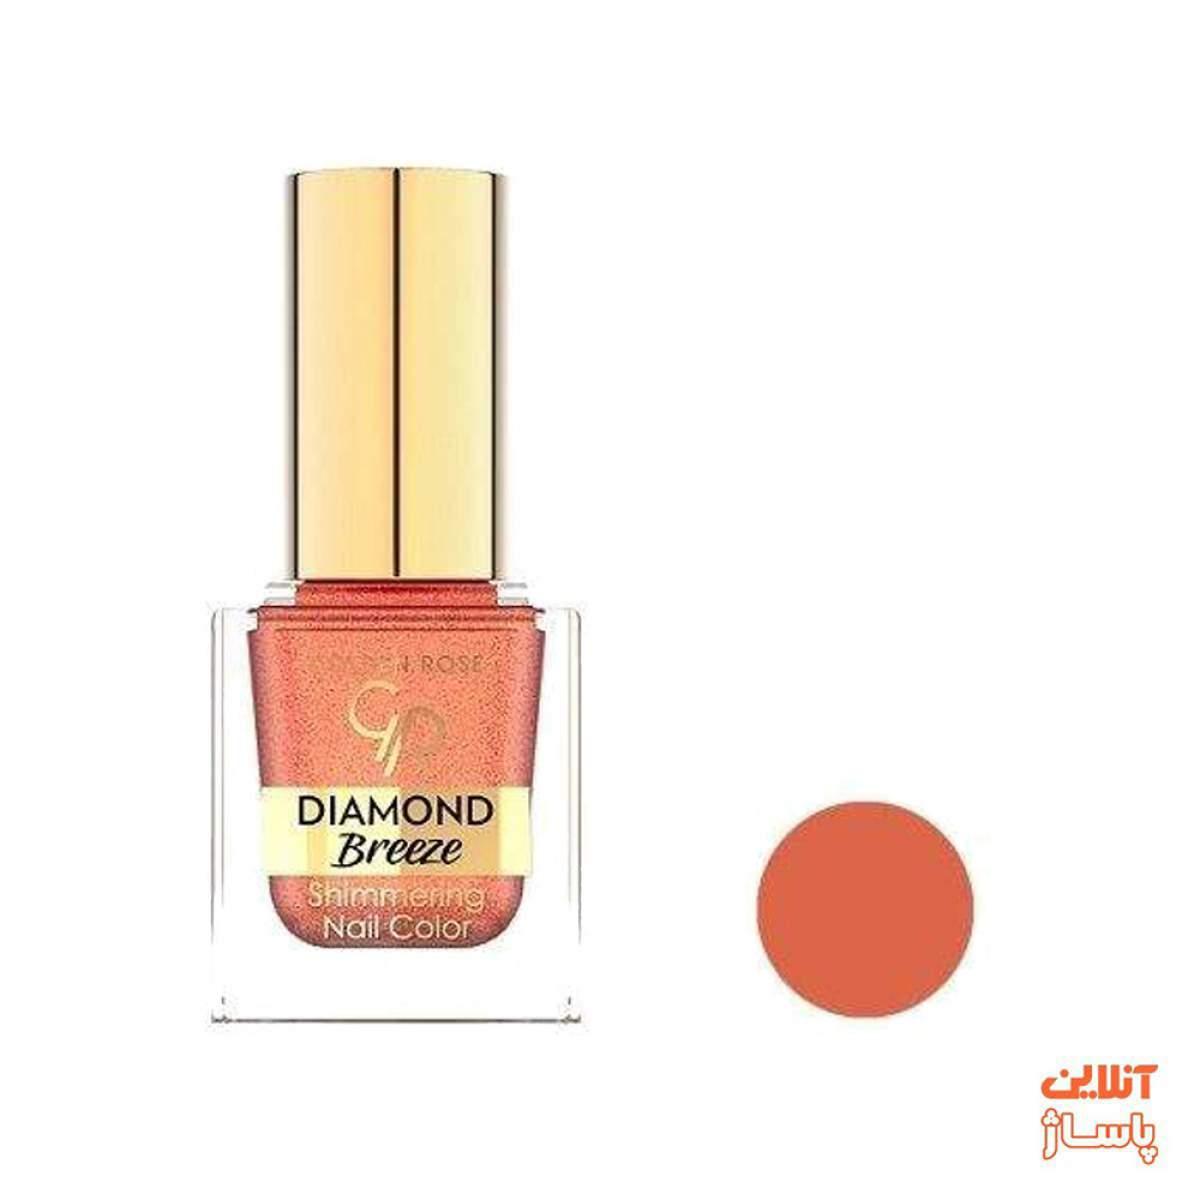 لاک ناخن گلدن رز مدل Diamond Breeze شماره 03